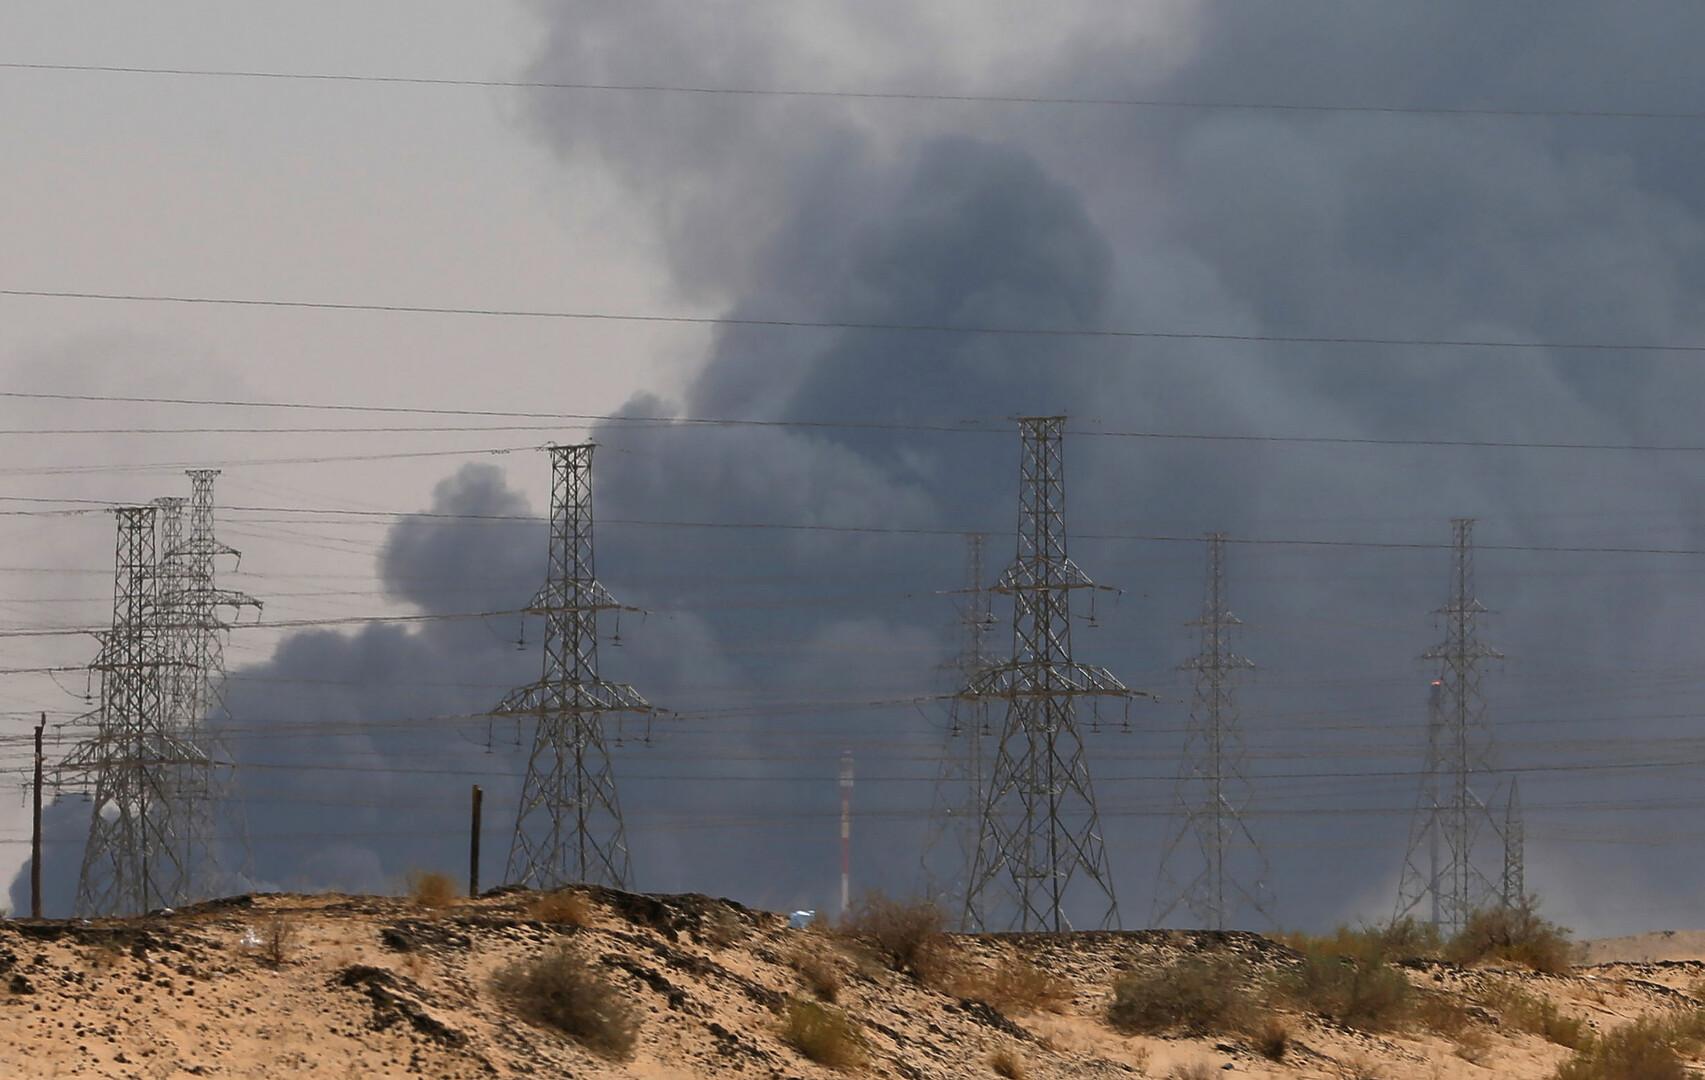 تقرير: الدفاعات الجوية السعودية والأمريكية فشلت في رصد هجوم